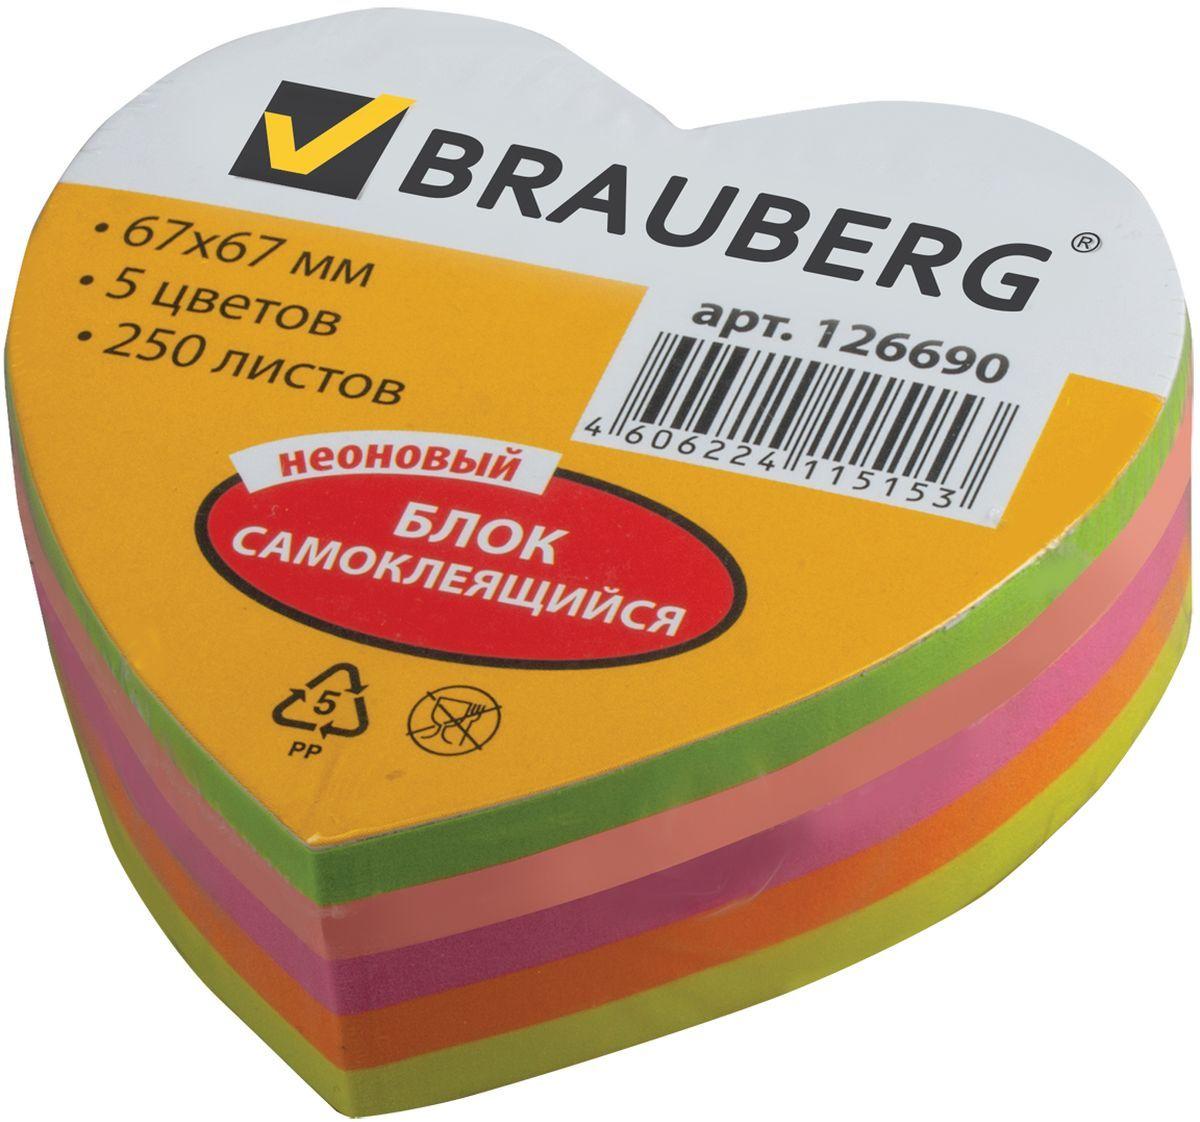 Brauberg Бумага для заметок Сердце 250 листов126690Яркая бумага для заметок Brauberg Сердце непременно привлечет к себе внимание.Бумага состоит из двухсот пятидесяти разноцветных листочков, которые удобны для заметок, объявлений и других коротких сообщений. Листочки легко приклеиваются к любой поверхности, будь то бумага, корпус монитора или дверь. Также они не оставляют следов после отклеивания.